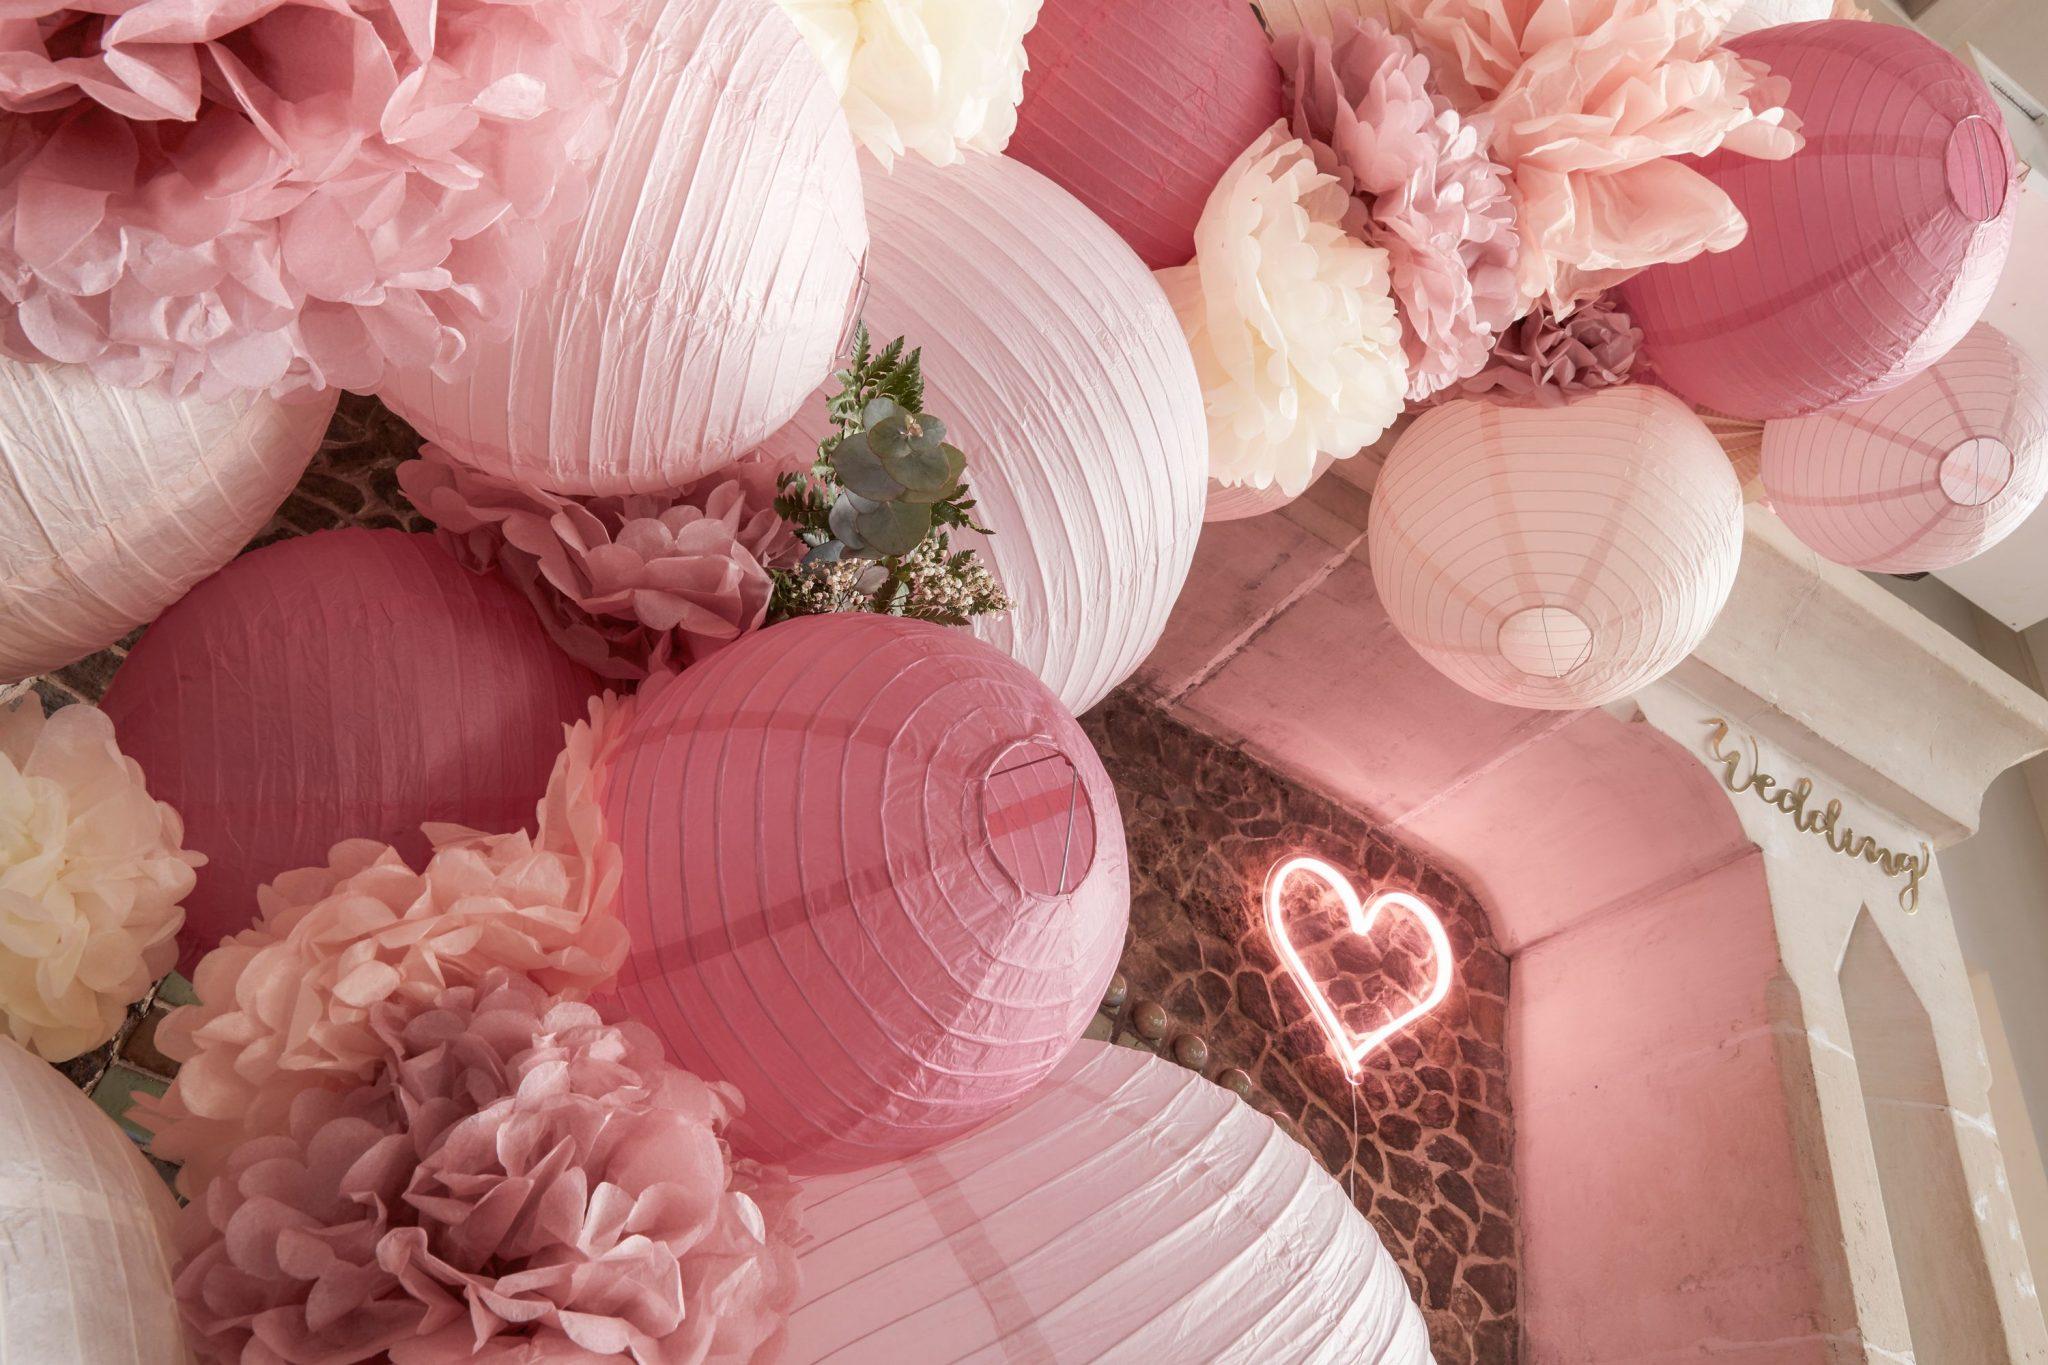 déco mariage grappe lampions comment installer cérémonie décoration lanterne boule papier